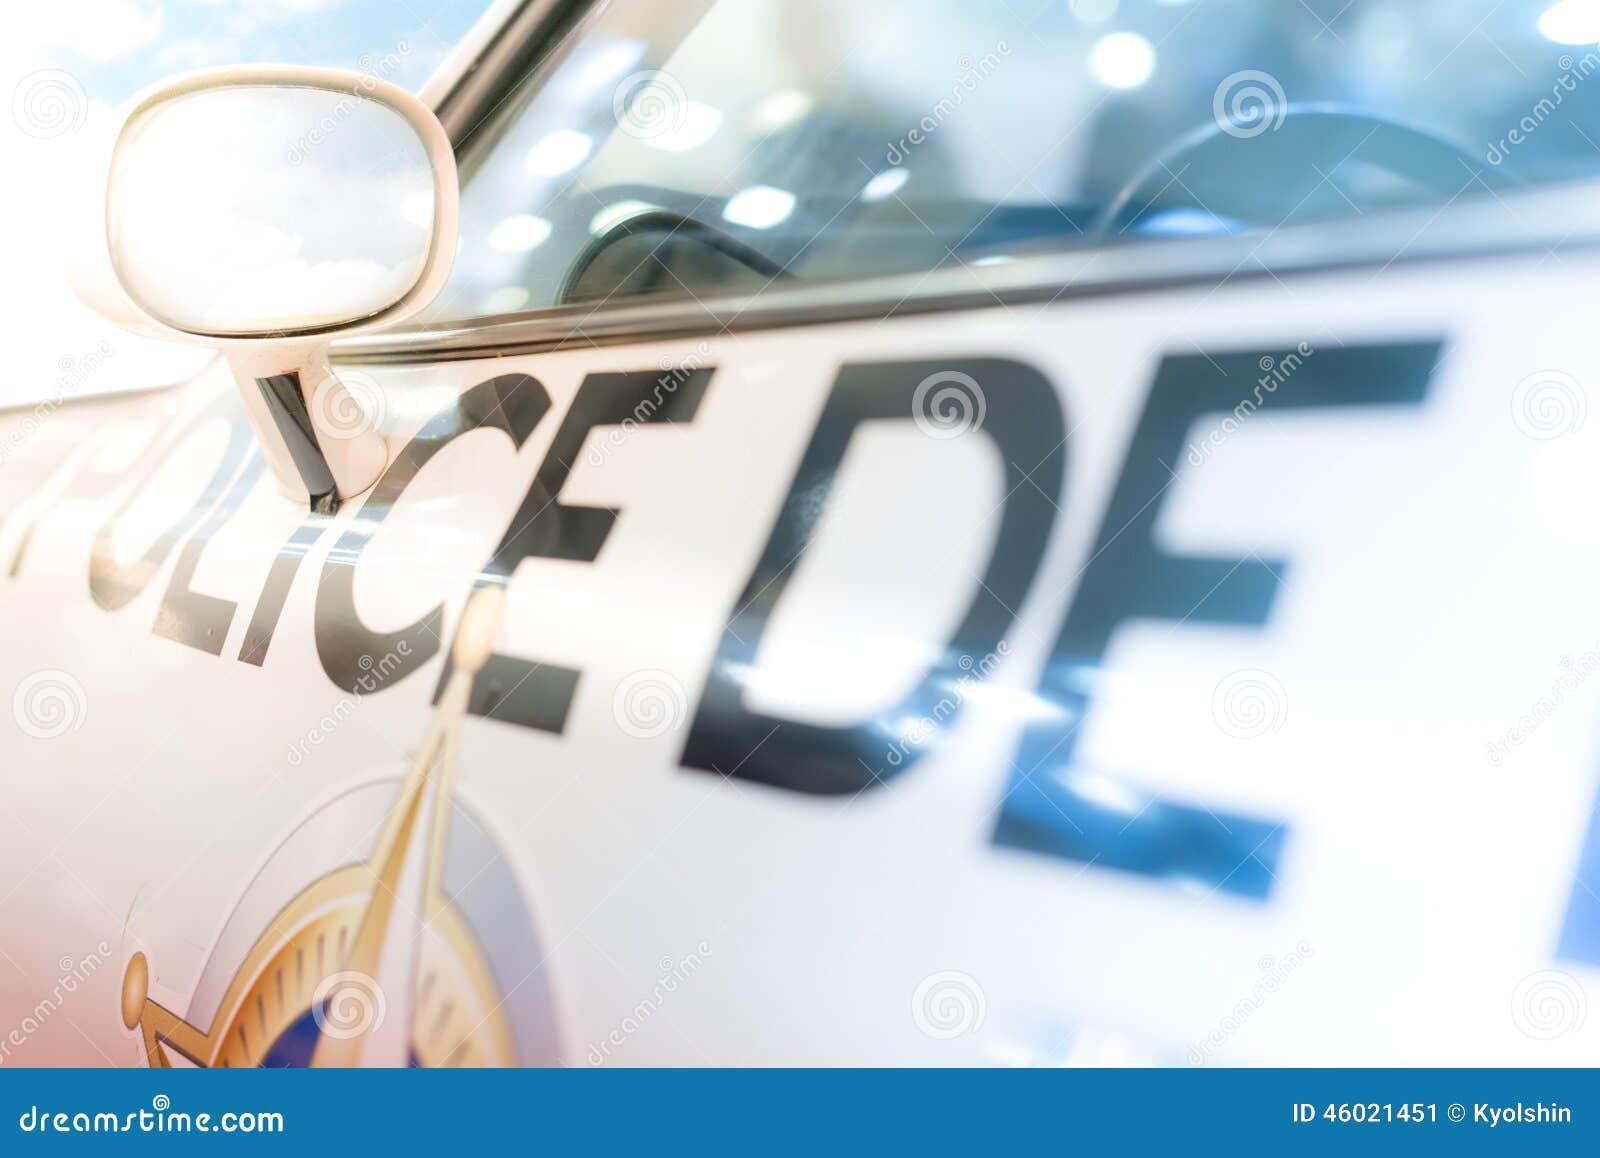 Door, window and side mirror of police car.